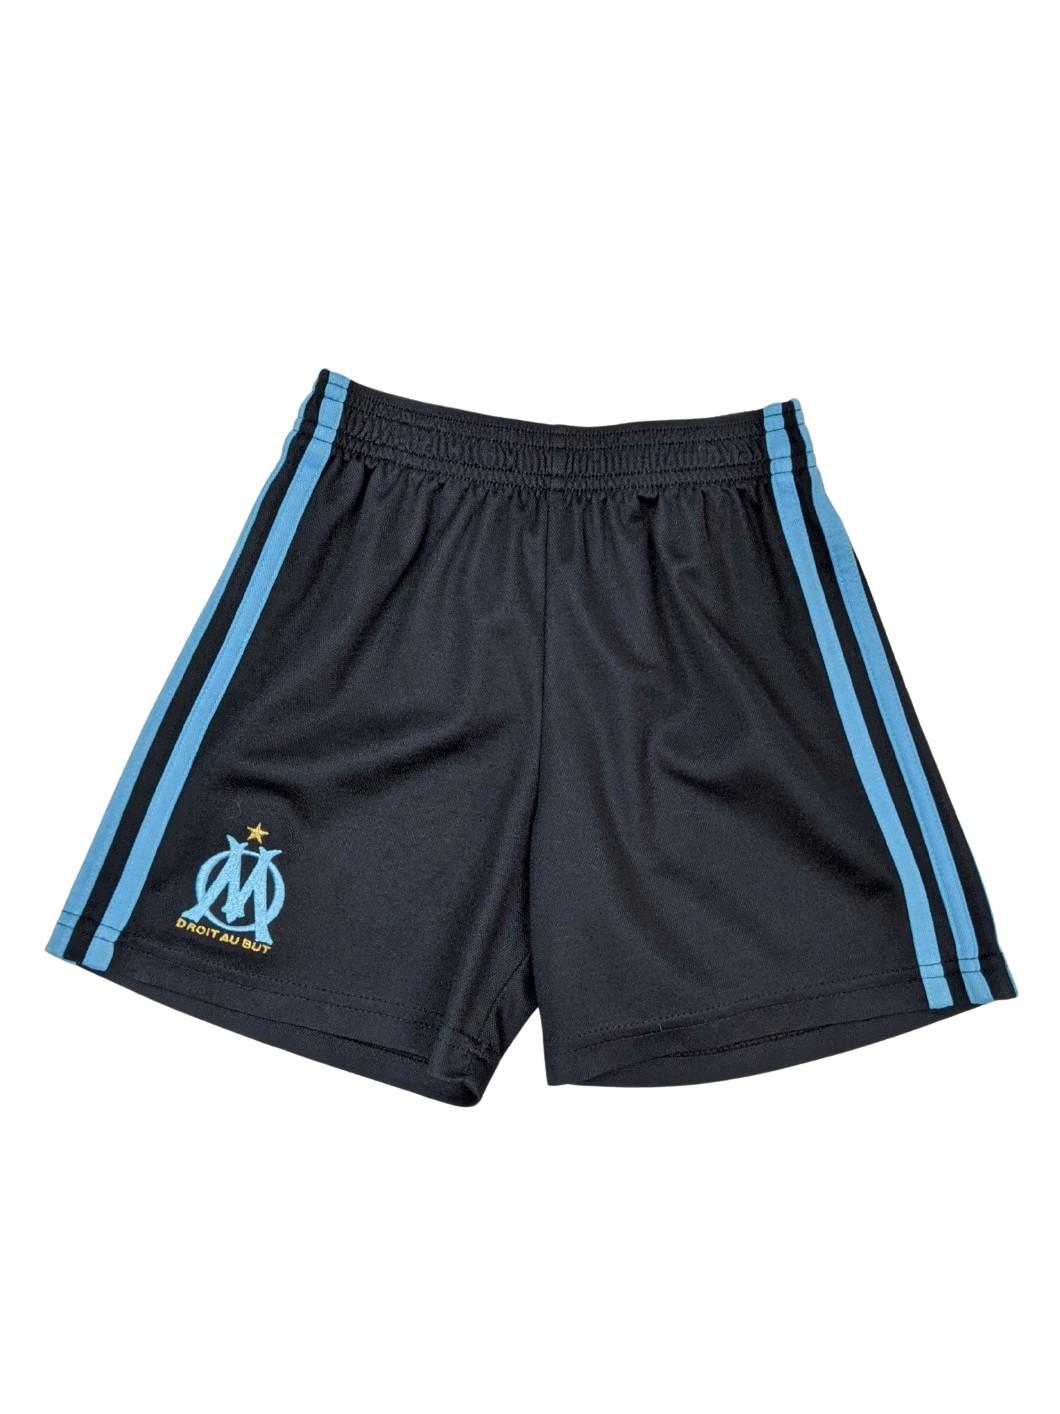 Short 1